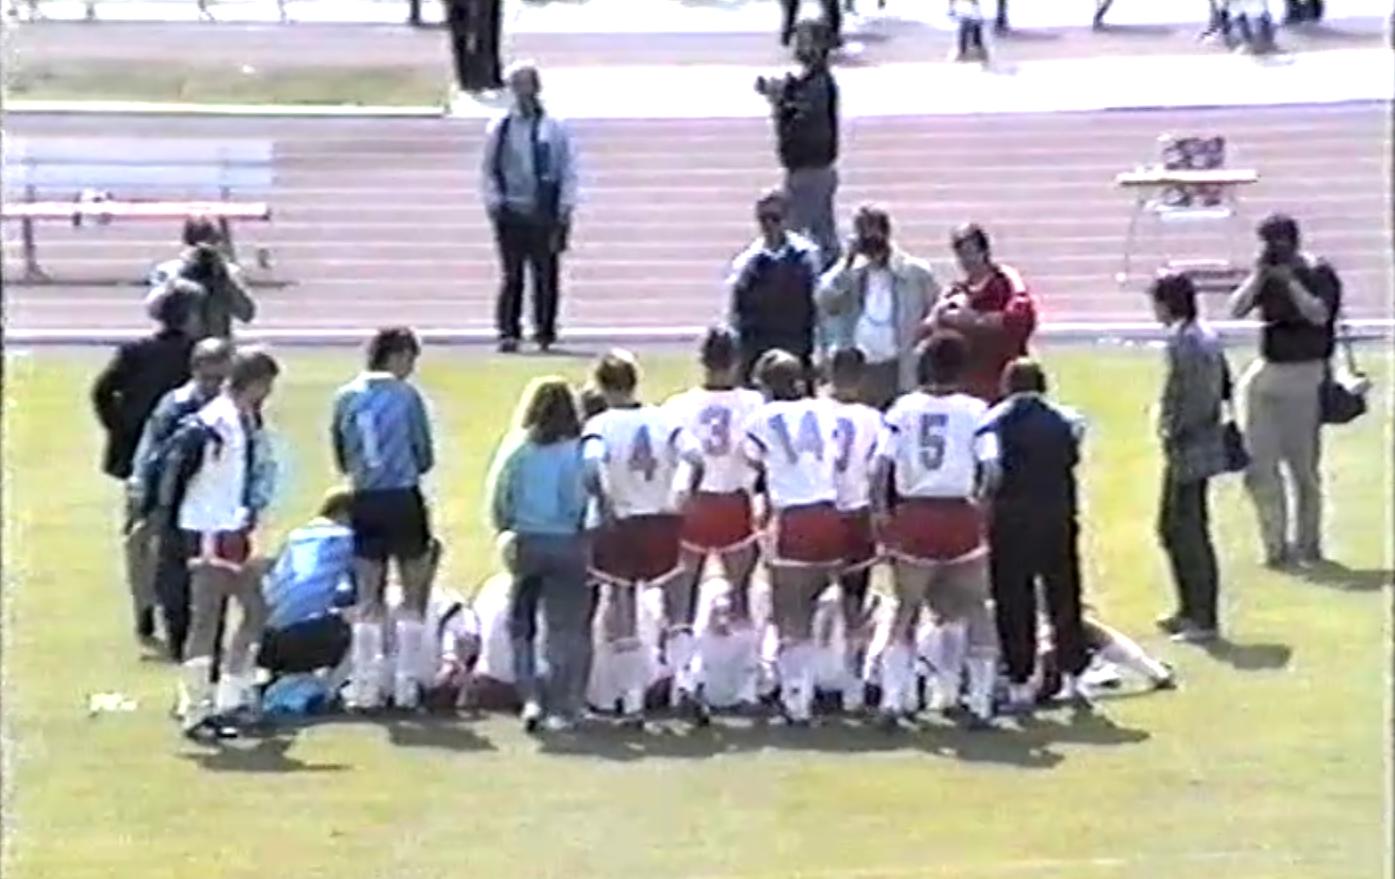 Grupowe zdjęcie reprezentacji Polski do lat 16 - brązowych medalistów mistrzostw Europy 1990.